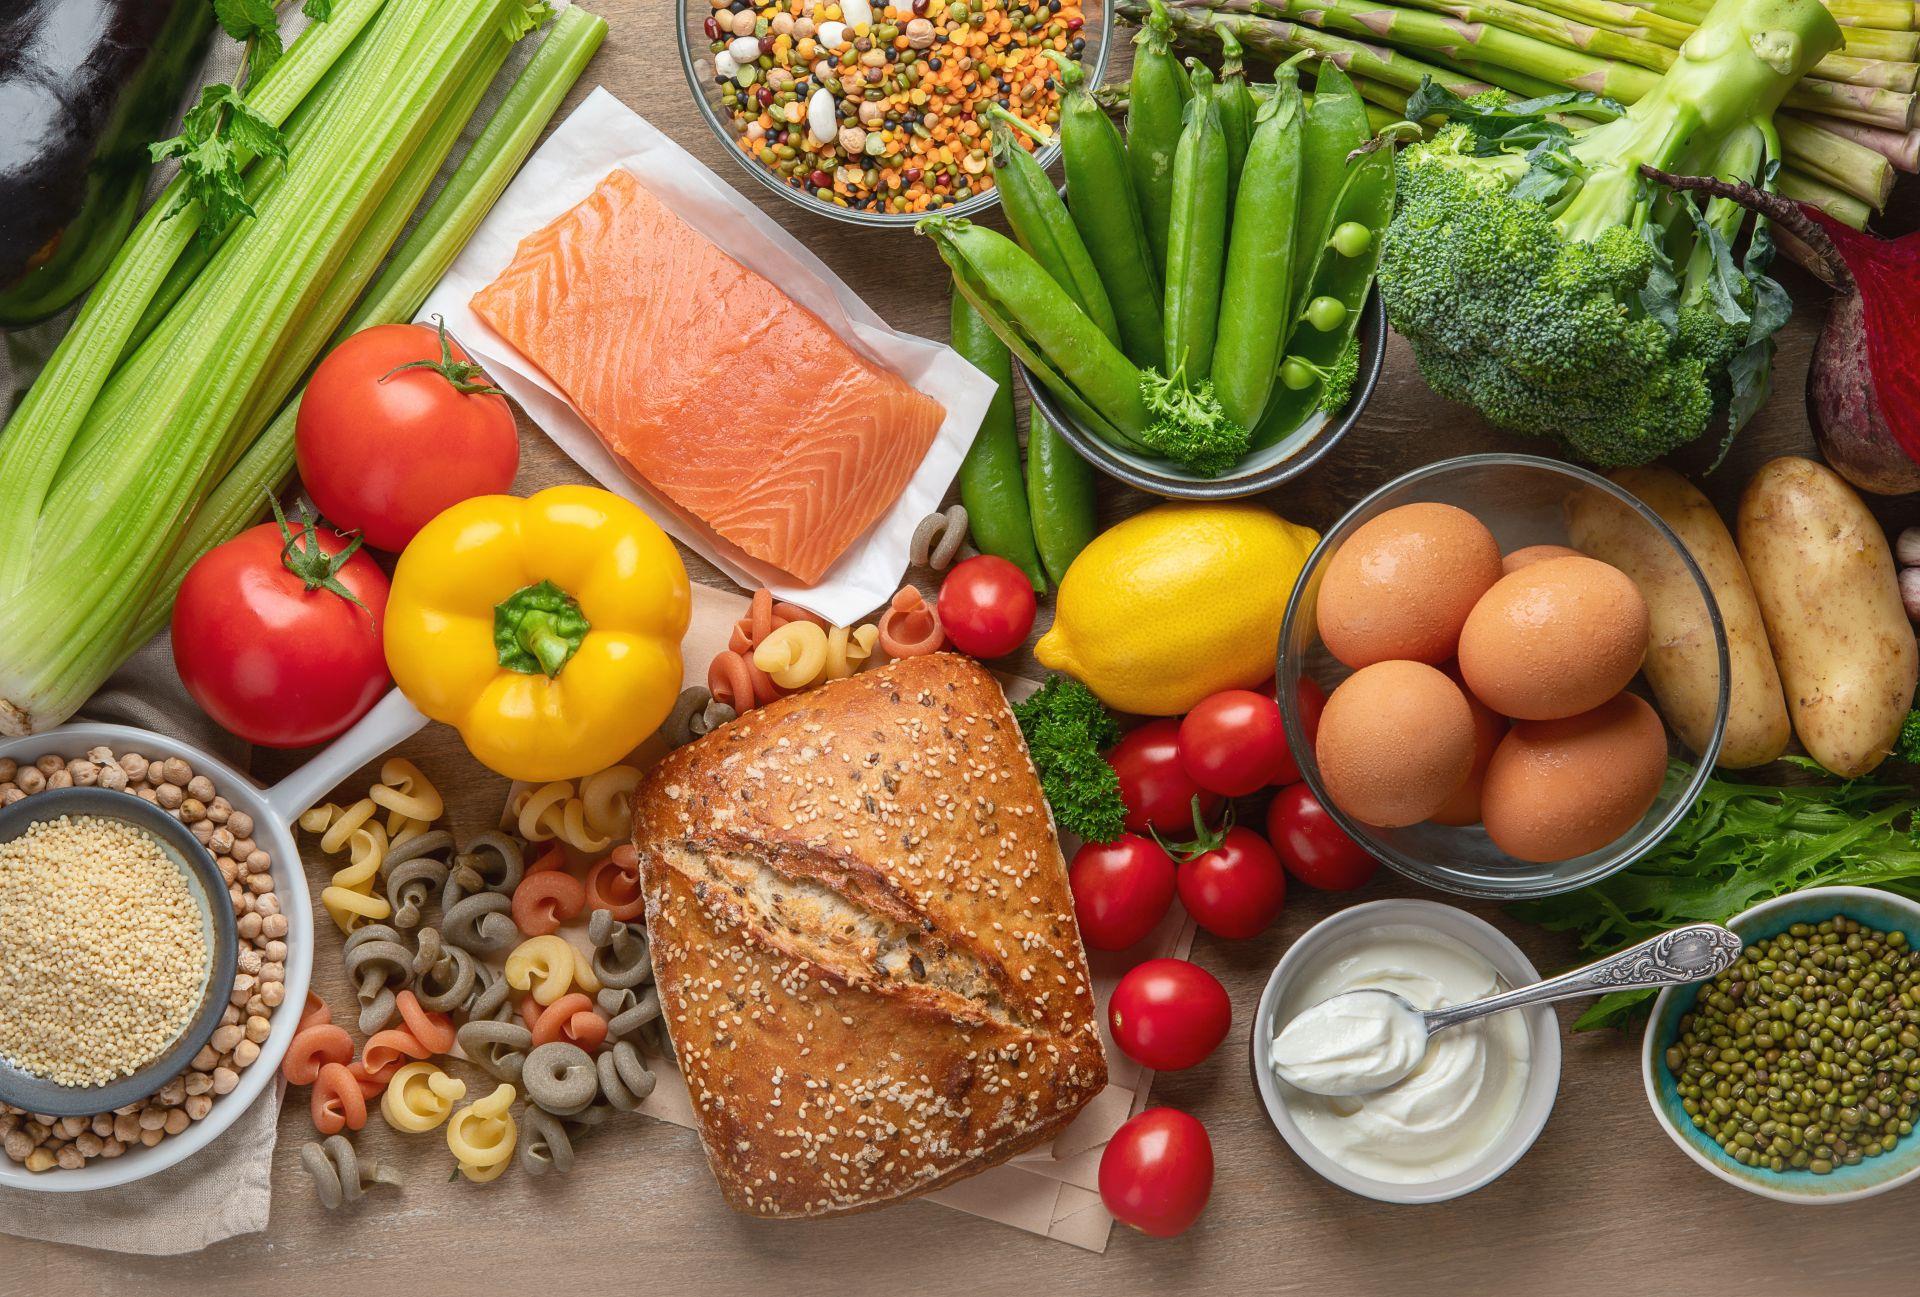 Profil lipidowy zaburzony? Sprawdź, jak powinna wyglądać dieta na obniżenie cholesterolu i dlaczego warto wdrożyć sterole roślinne do codziennego jadłospisu.